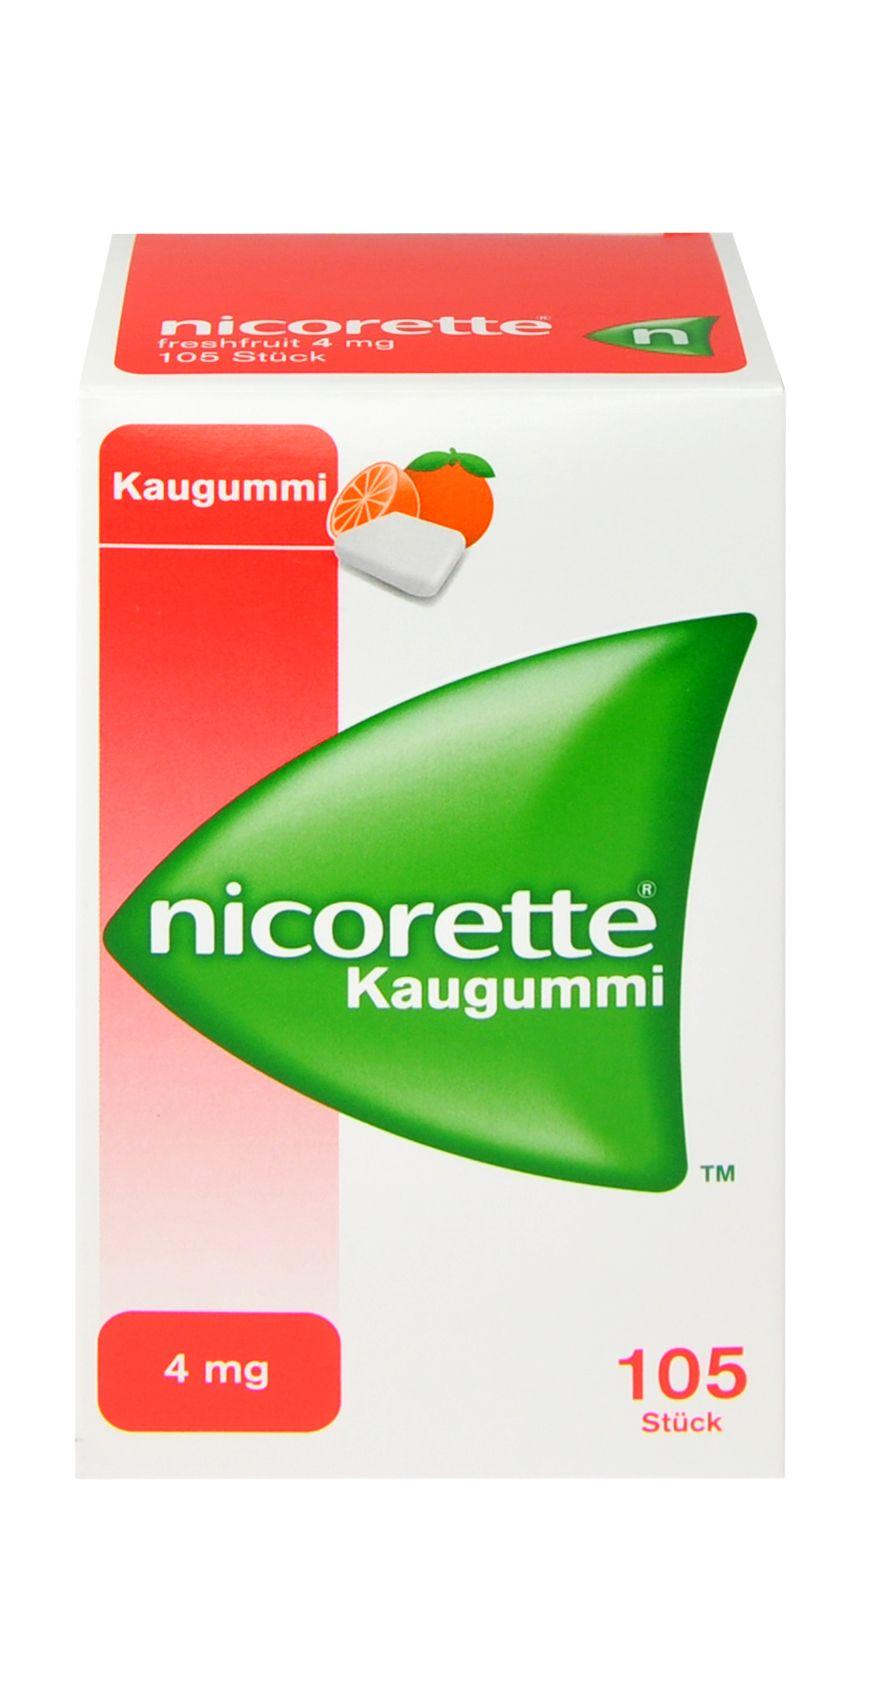 Verpackung von Nicorette Freshfruit 4 mg - Kaugummi zur Raucherentwöhnung